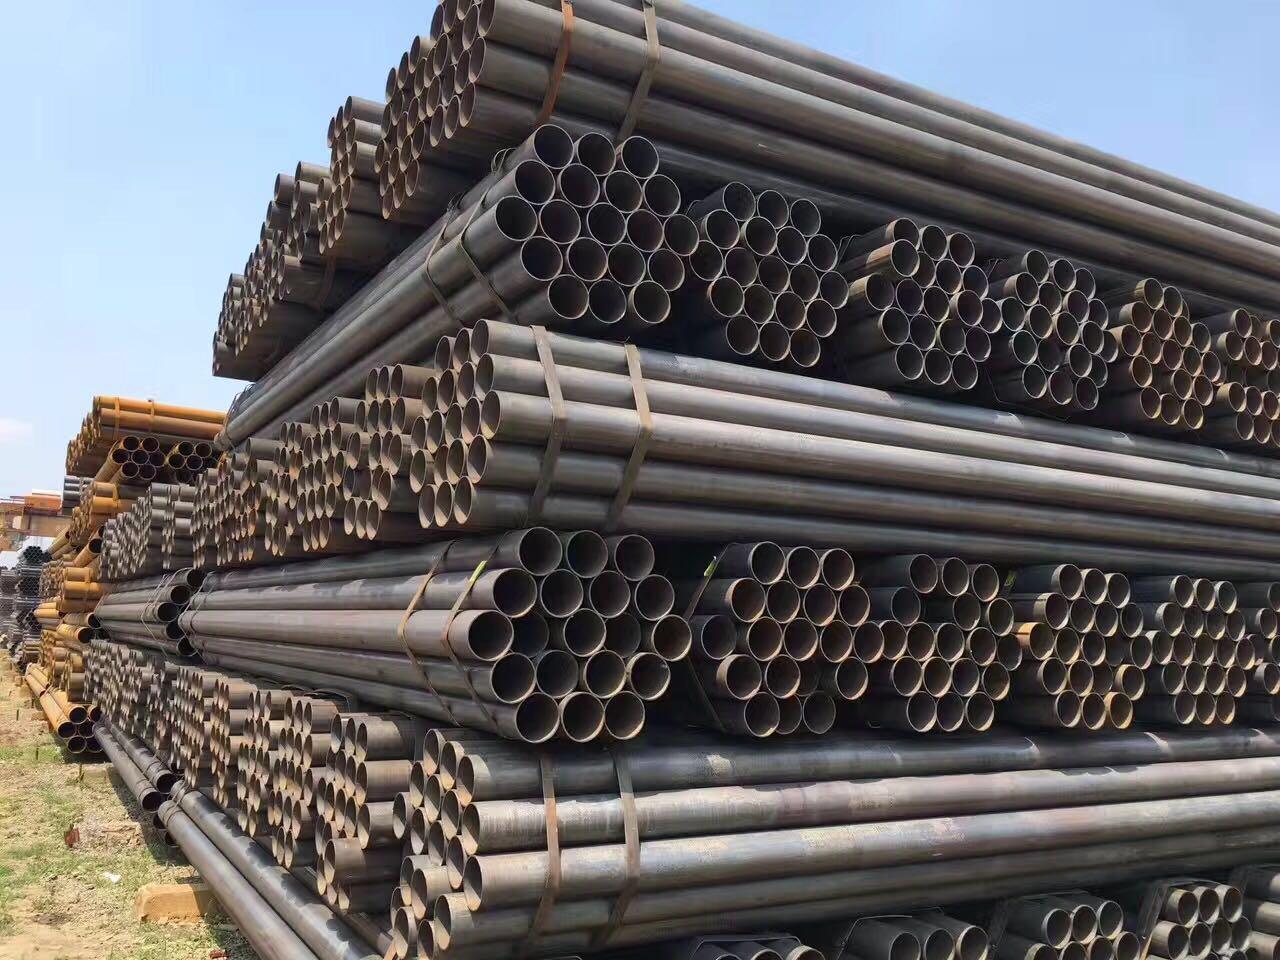 济南焊管销售-合格的河南焊管厂家倾情推荐